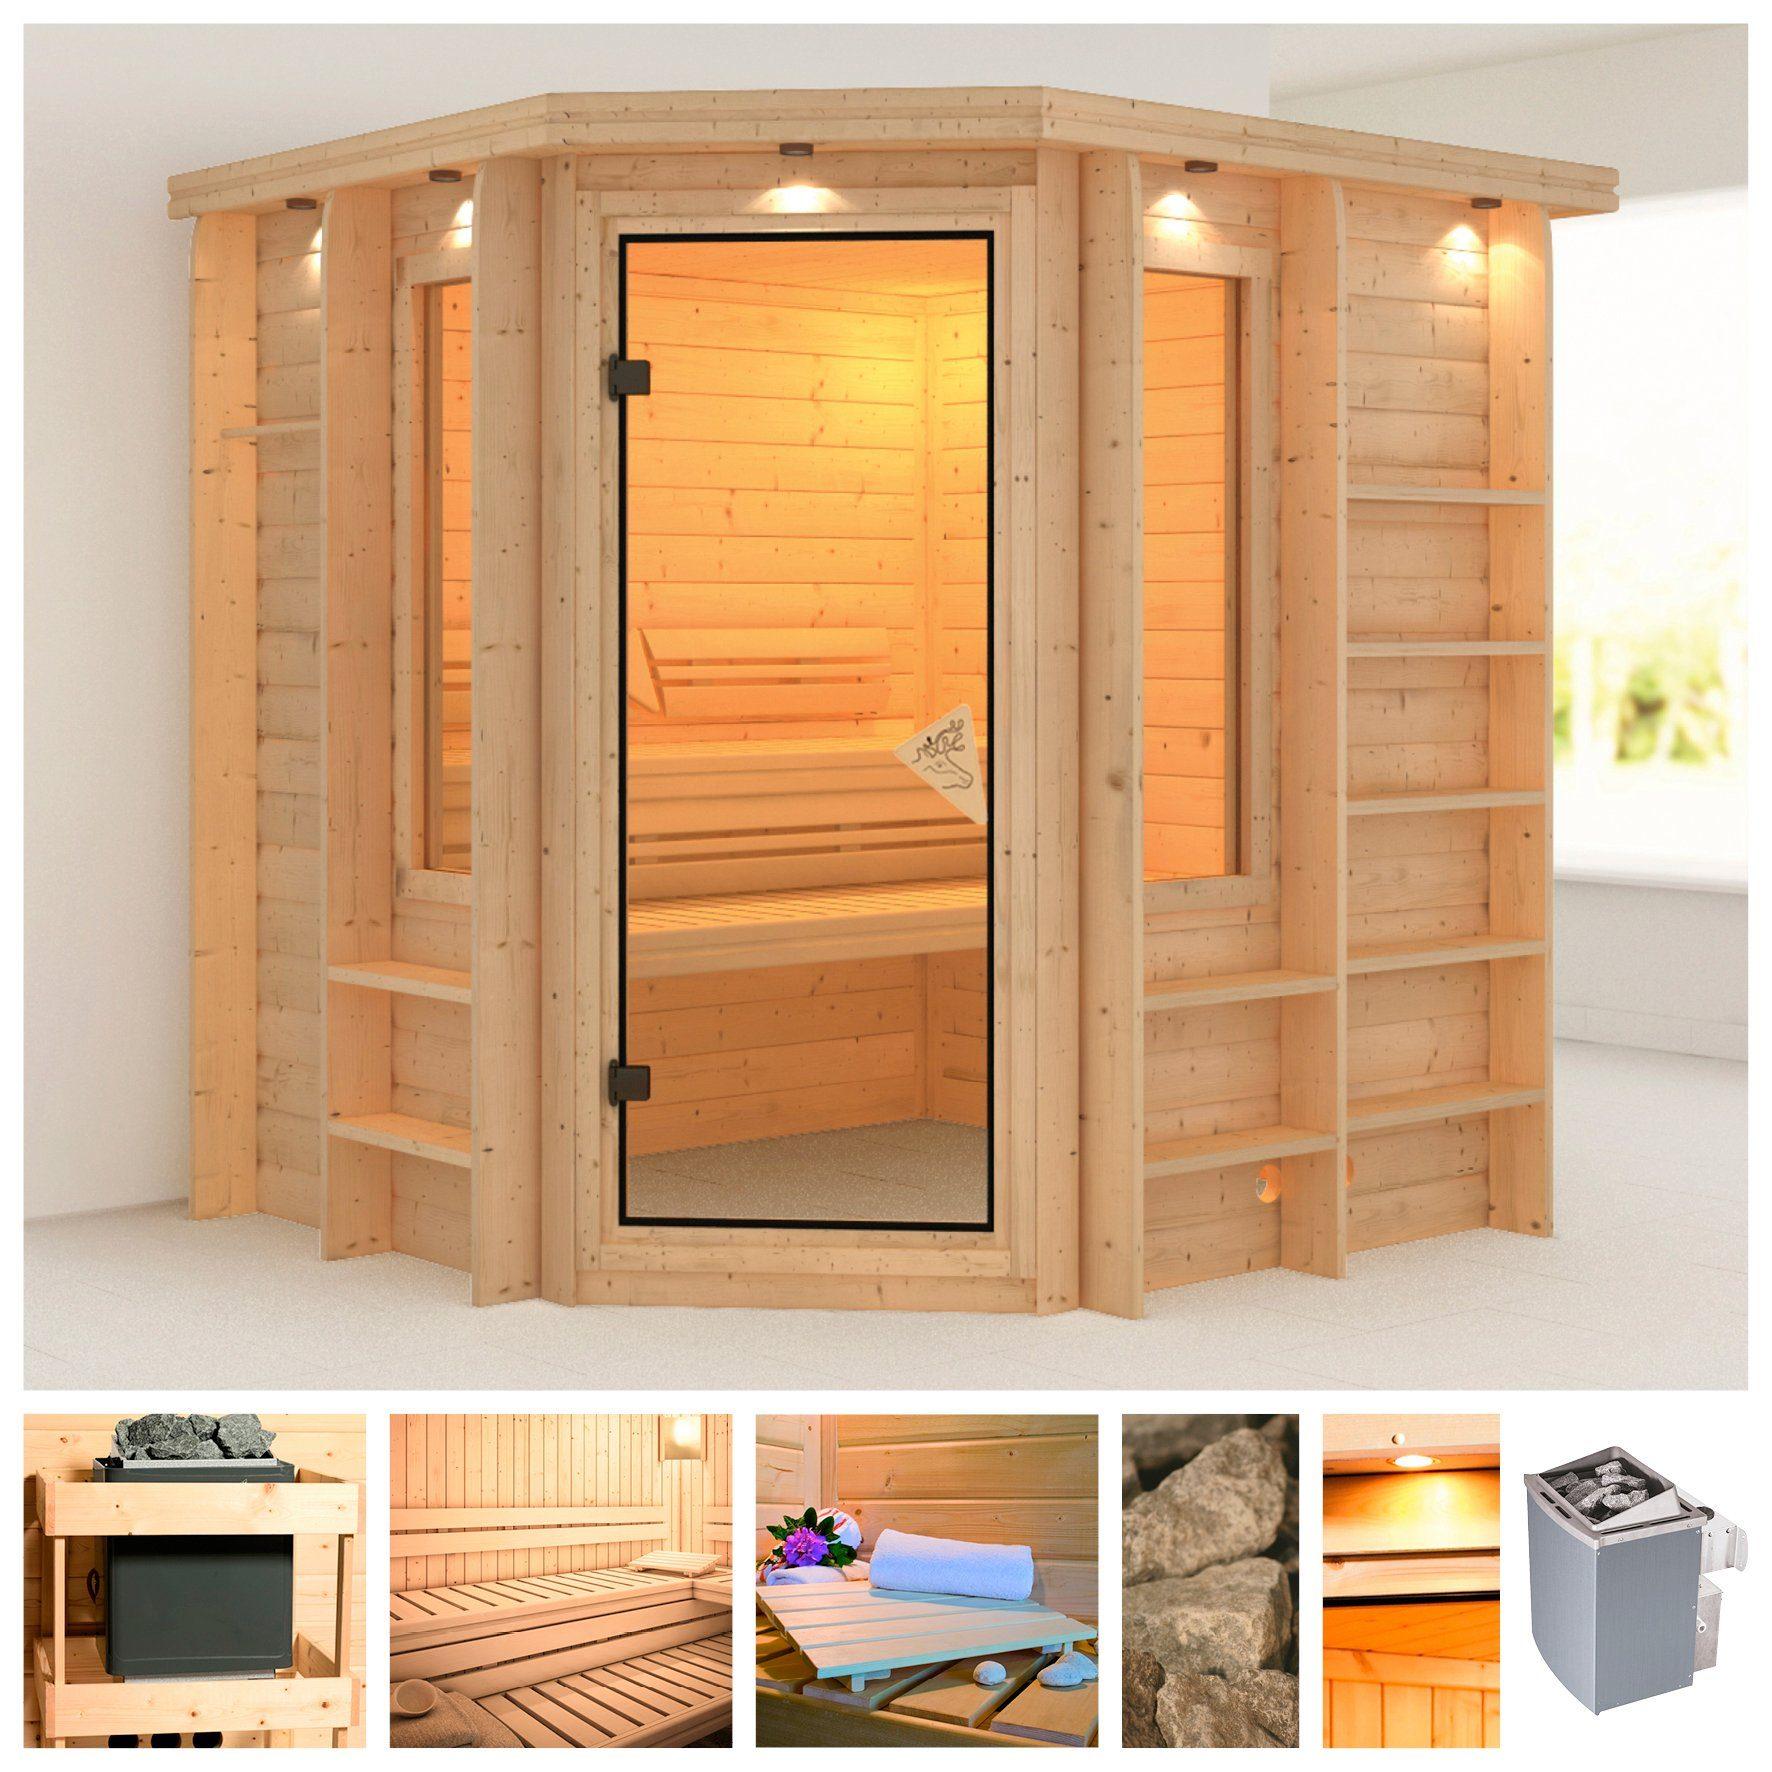 KARIBU Sauna »Cortona«, 218/198/212 cm, 40 mm, 9-kW-Ofen mit int. Steuerung